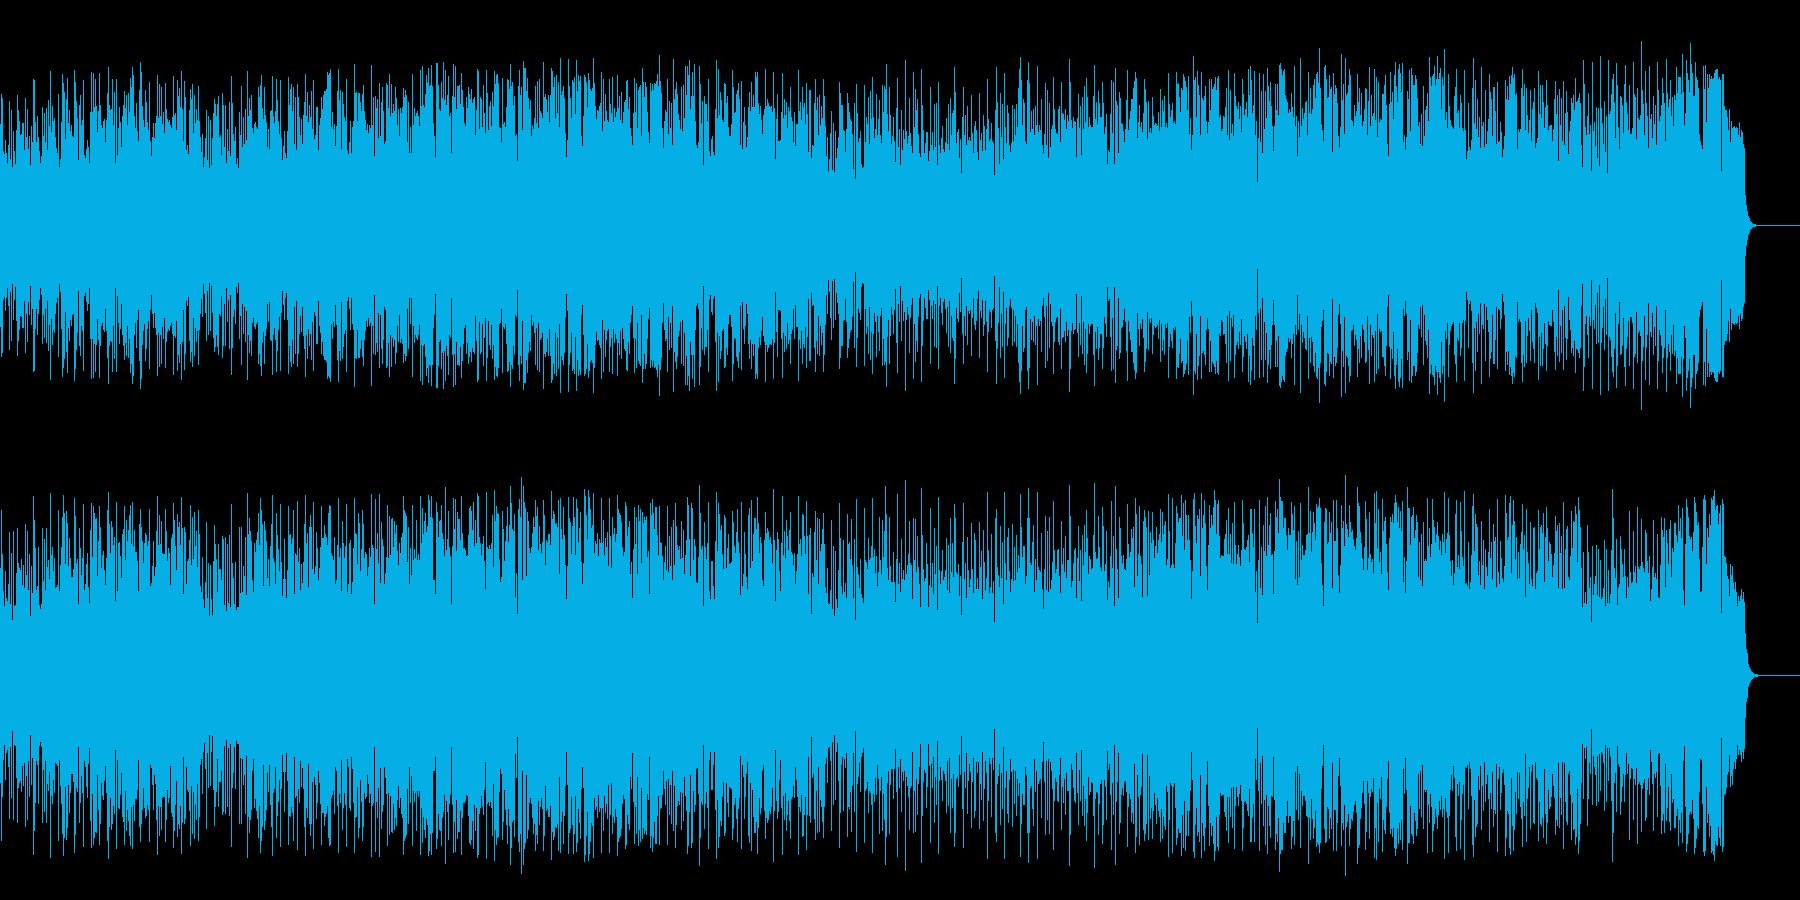 パワーを感じる前向きなポップスの再生済みの波形